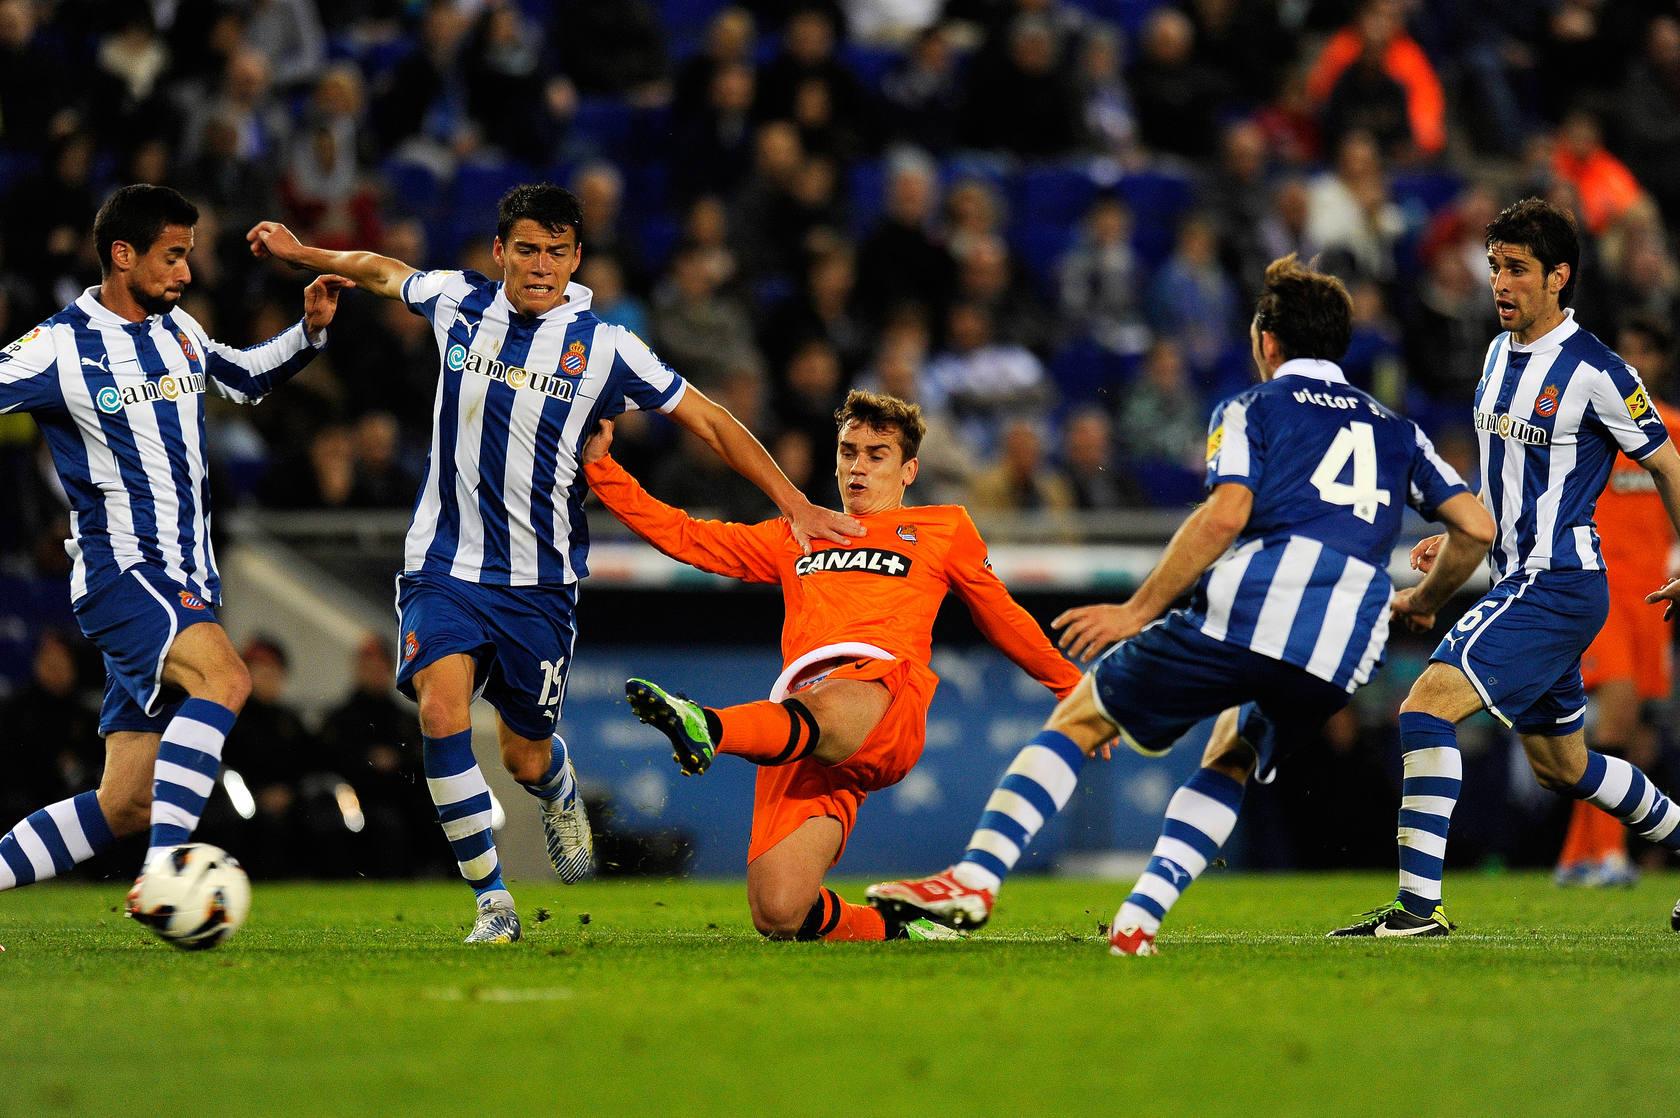 La Real consigue un valioso punto ante el Espanyol